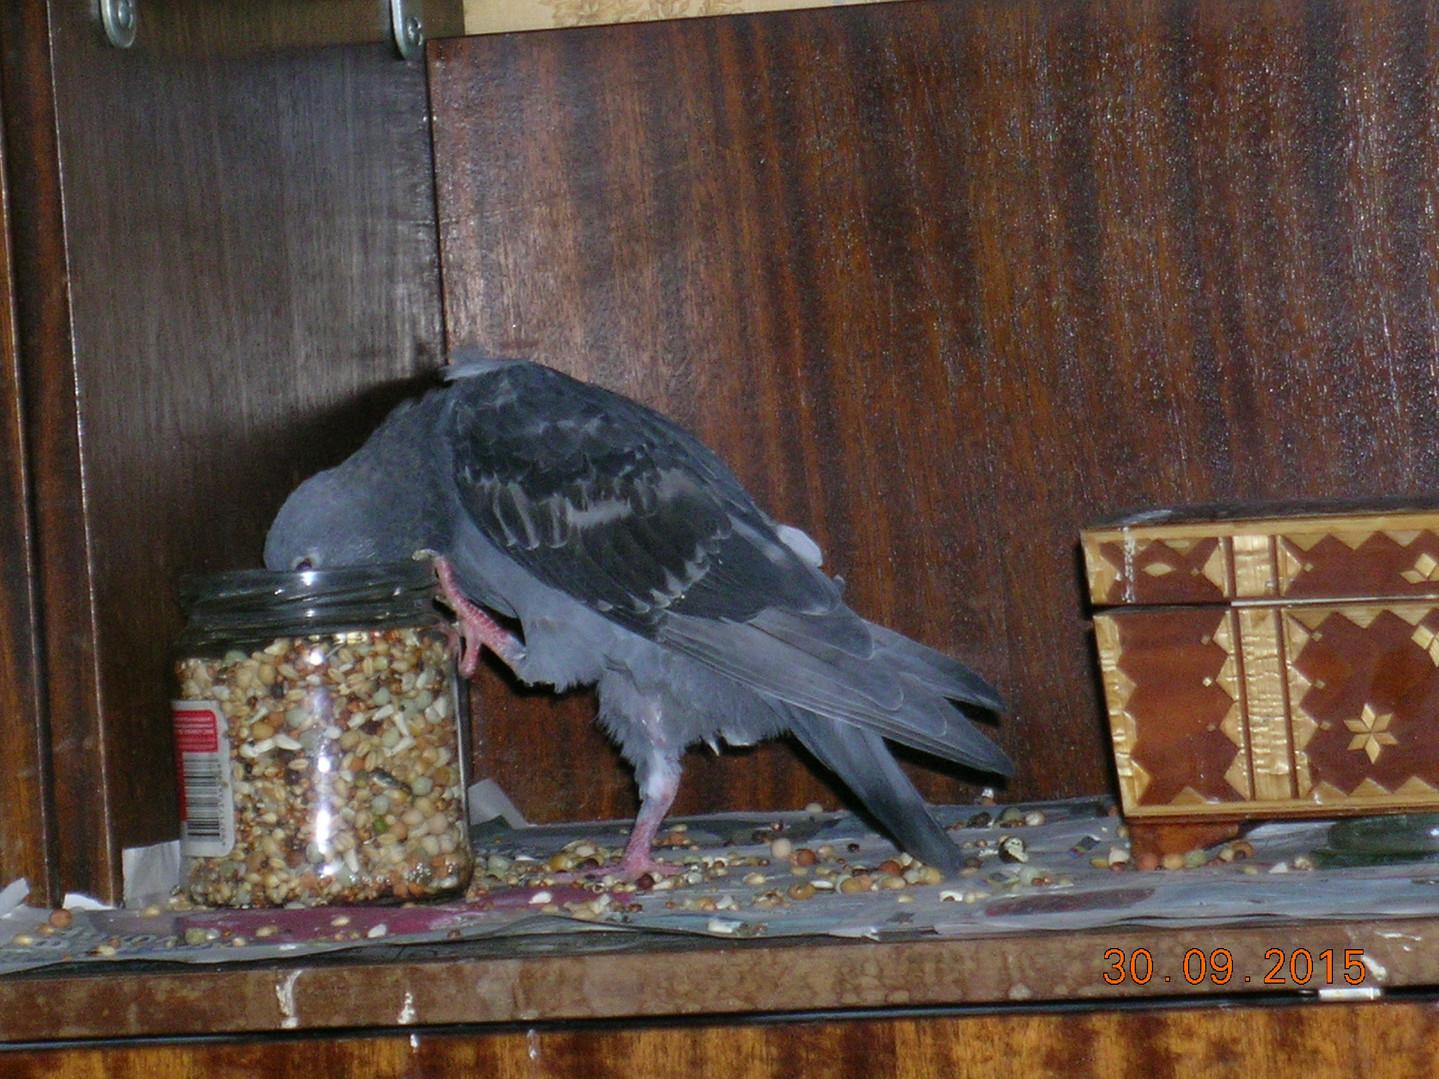 Молодой голубь клюет зерно из баночки